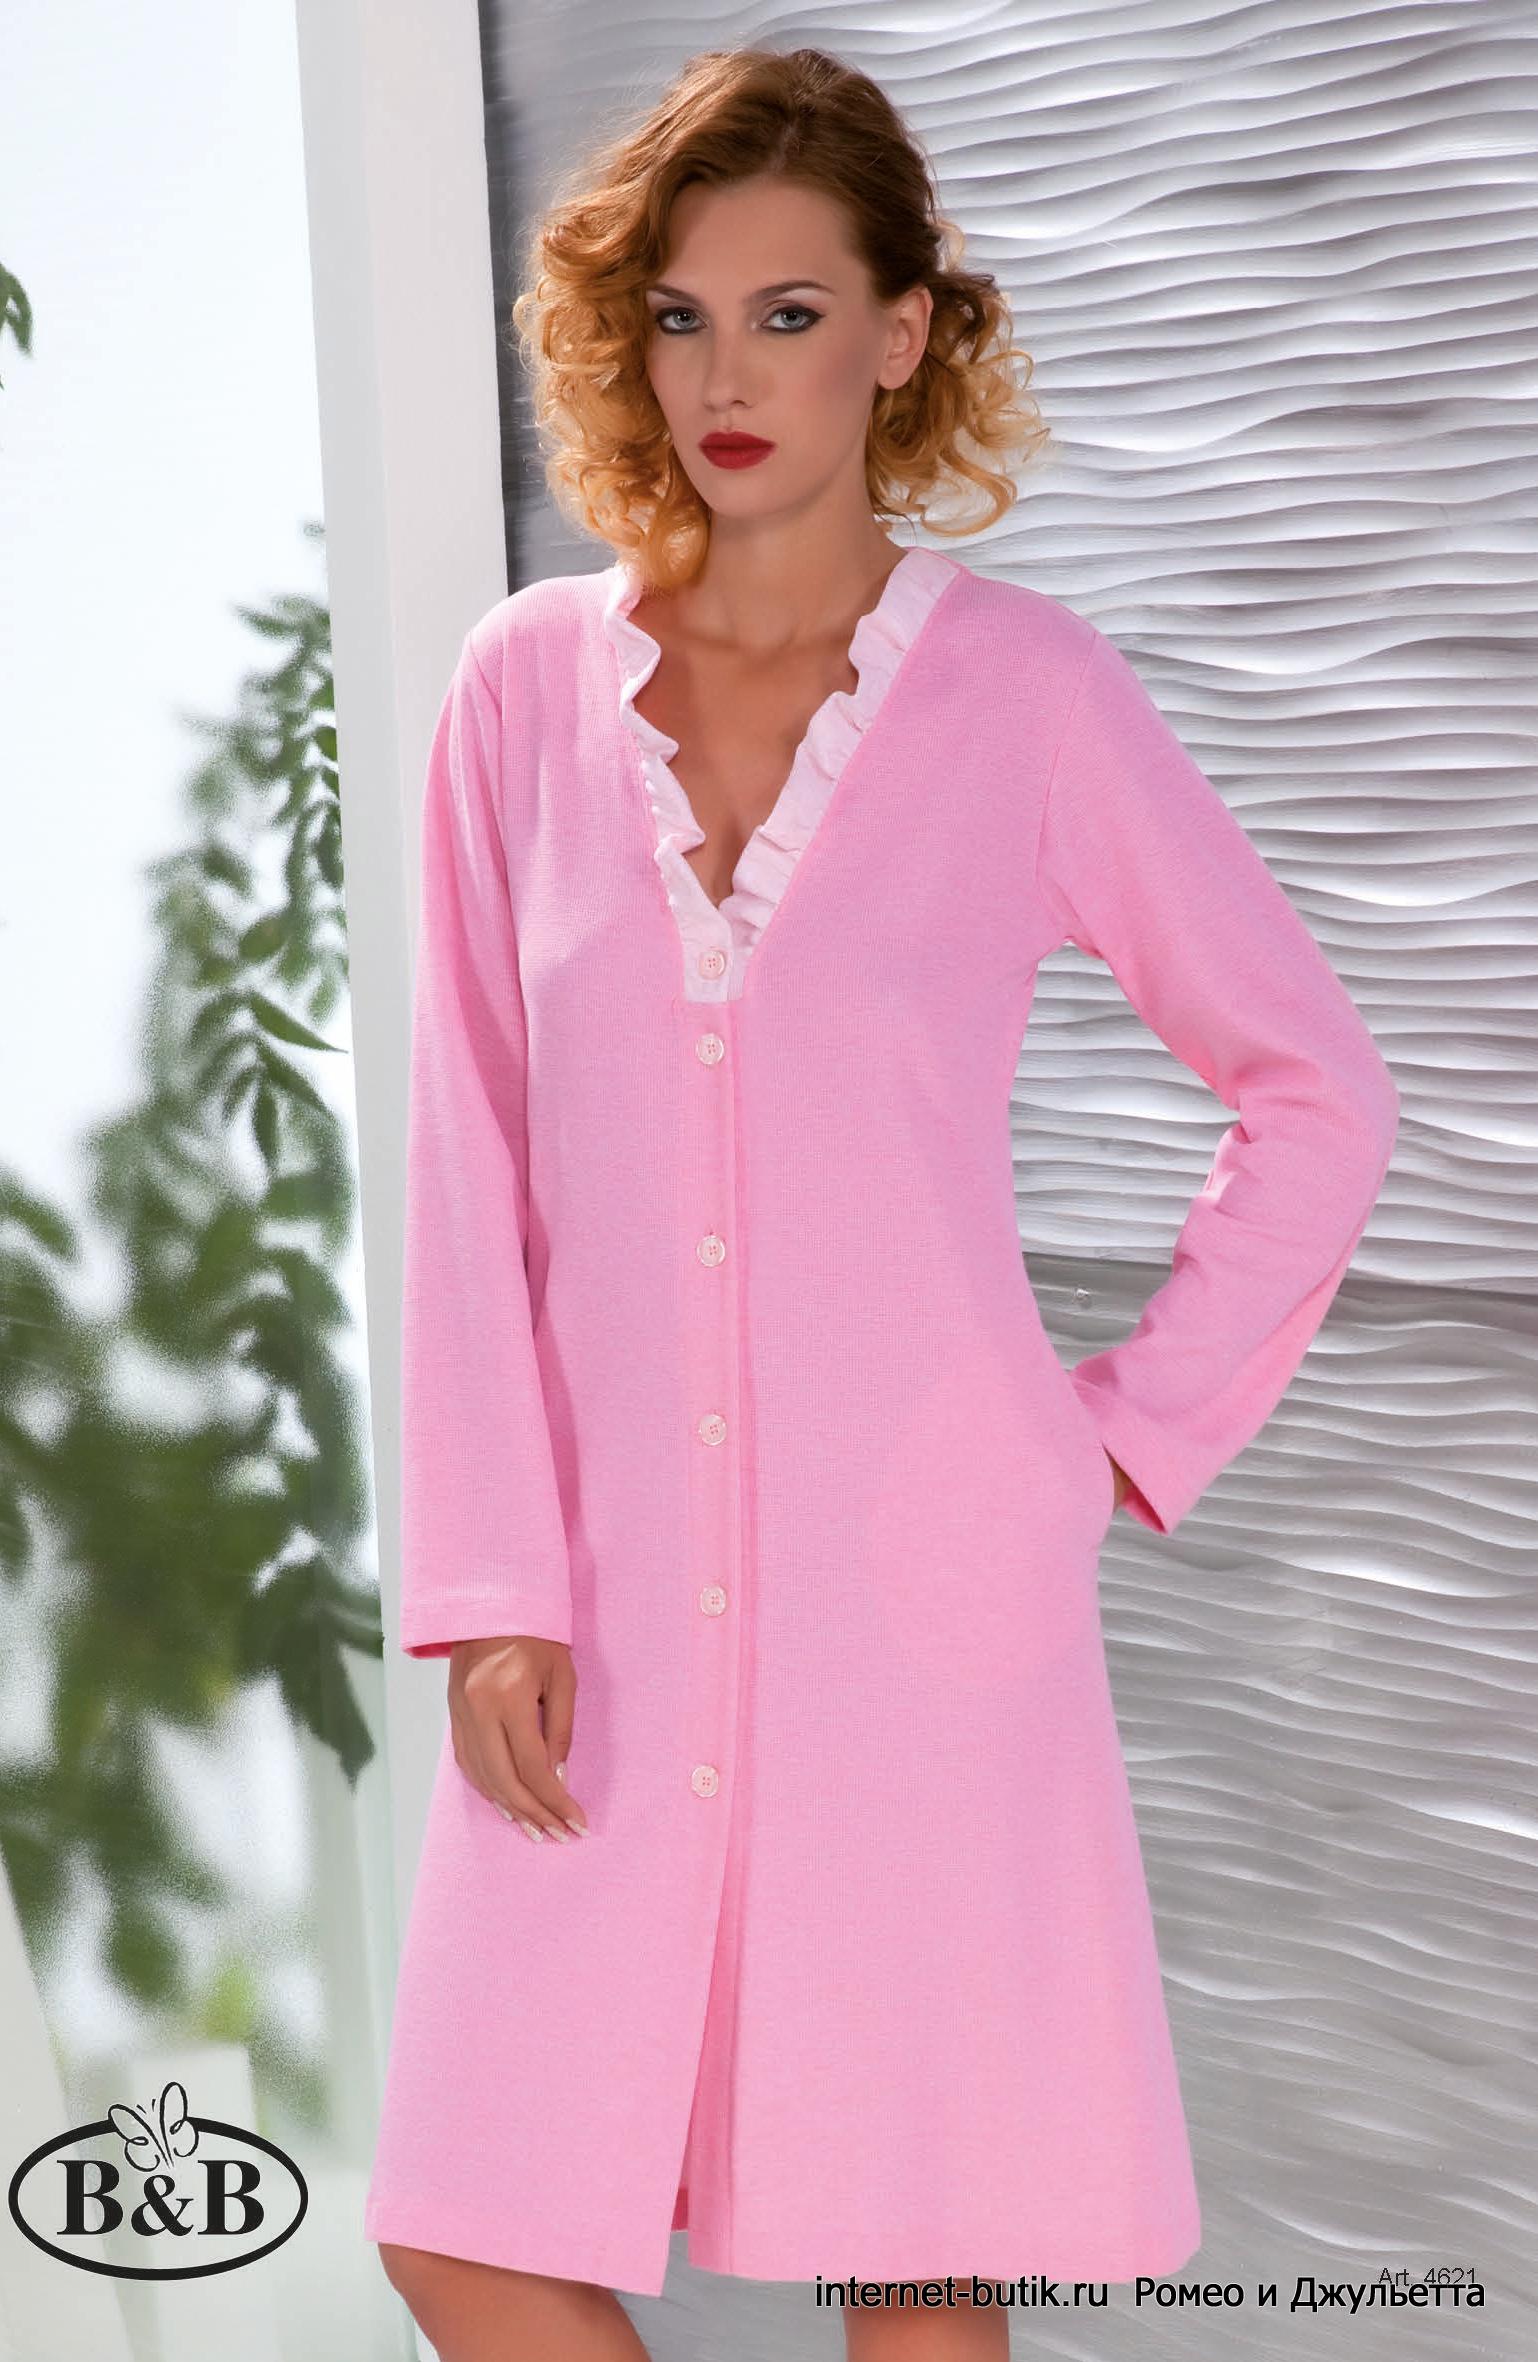 1efbbdf316f9 Женский домашний халат B&B 4621 - купить в интернет-магазине